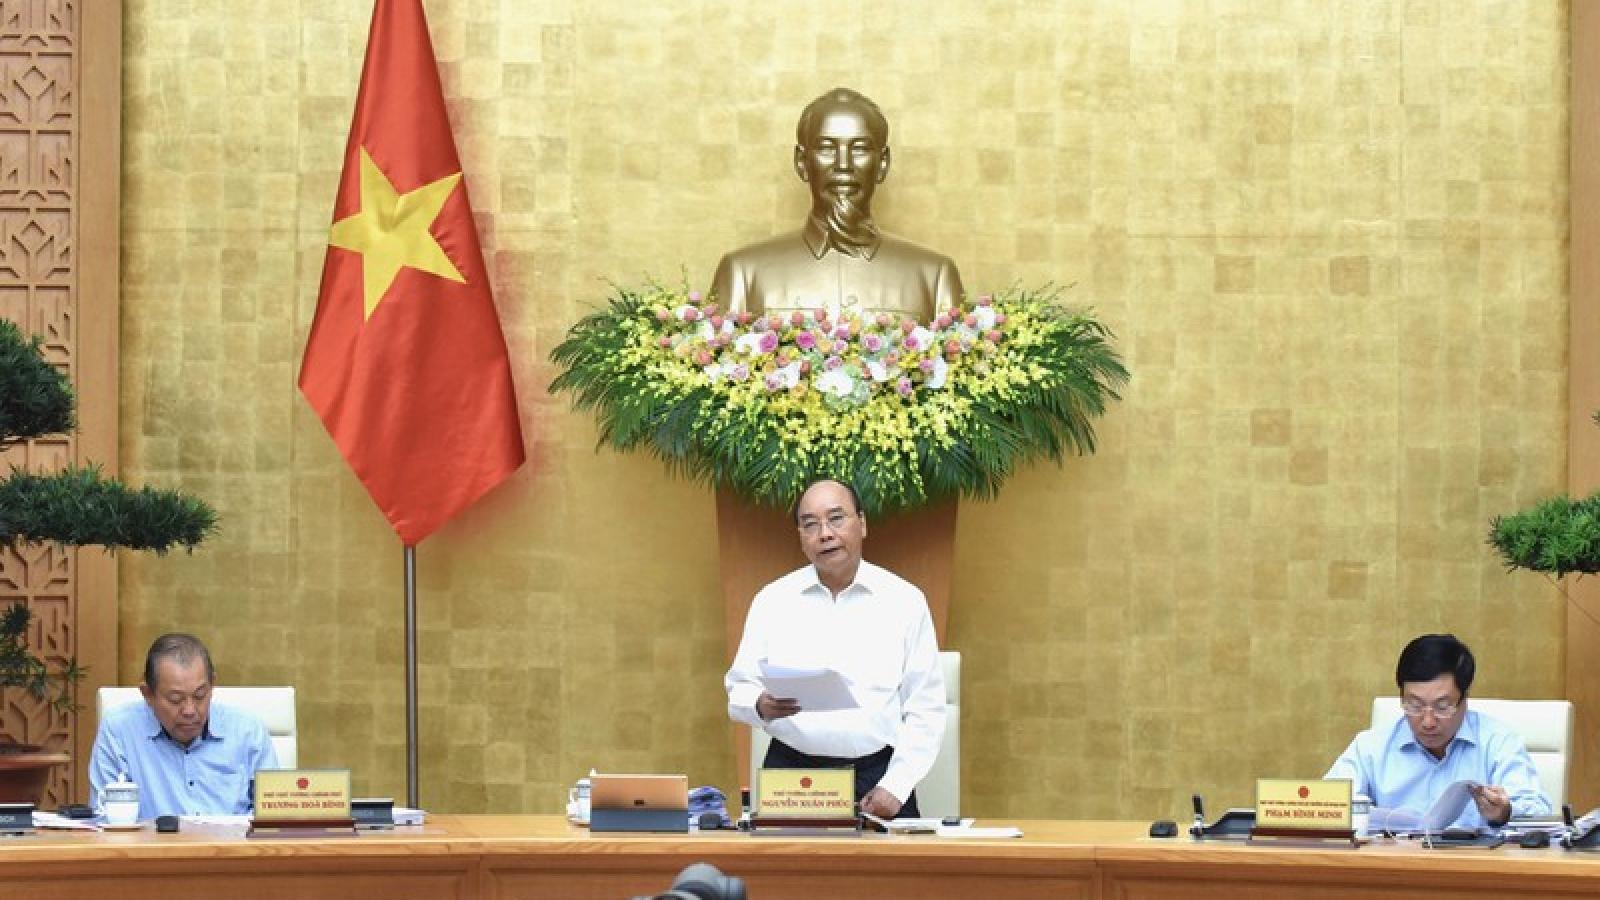 Thủ tướng giao Bộ trưởng GD&ĐT quyết định việc thi tốt nghiệp THPT